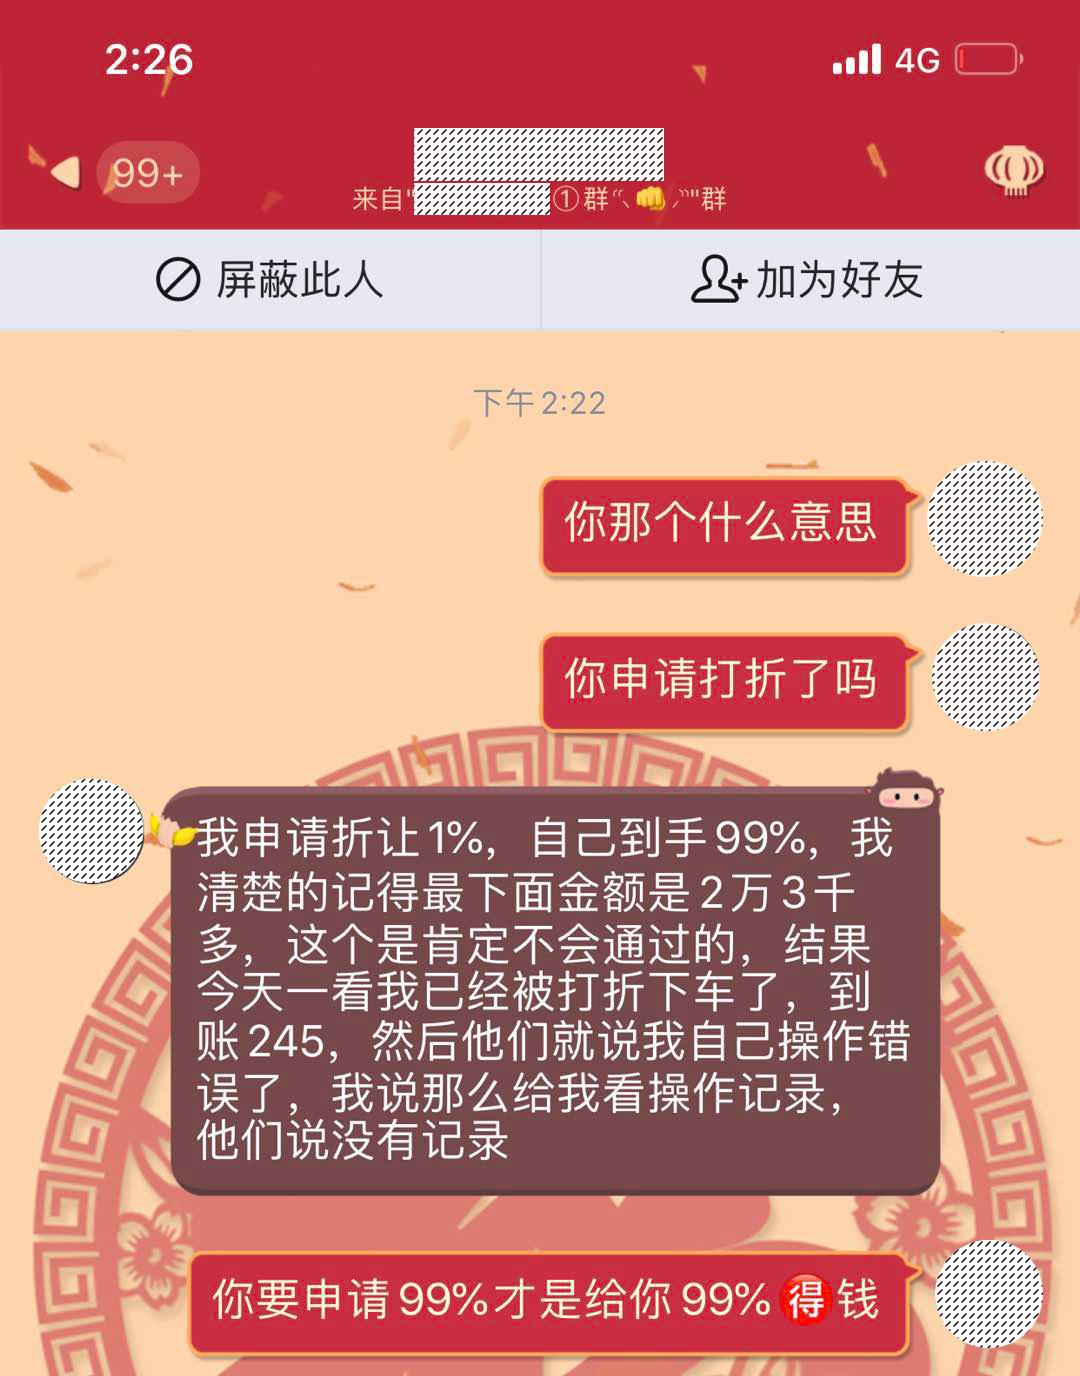 陈女士提供QQ聊天截图